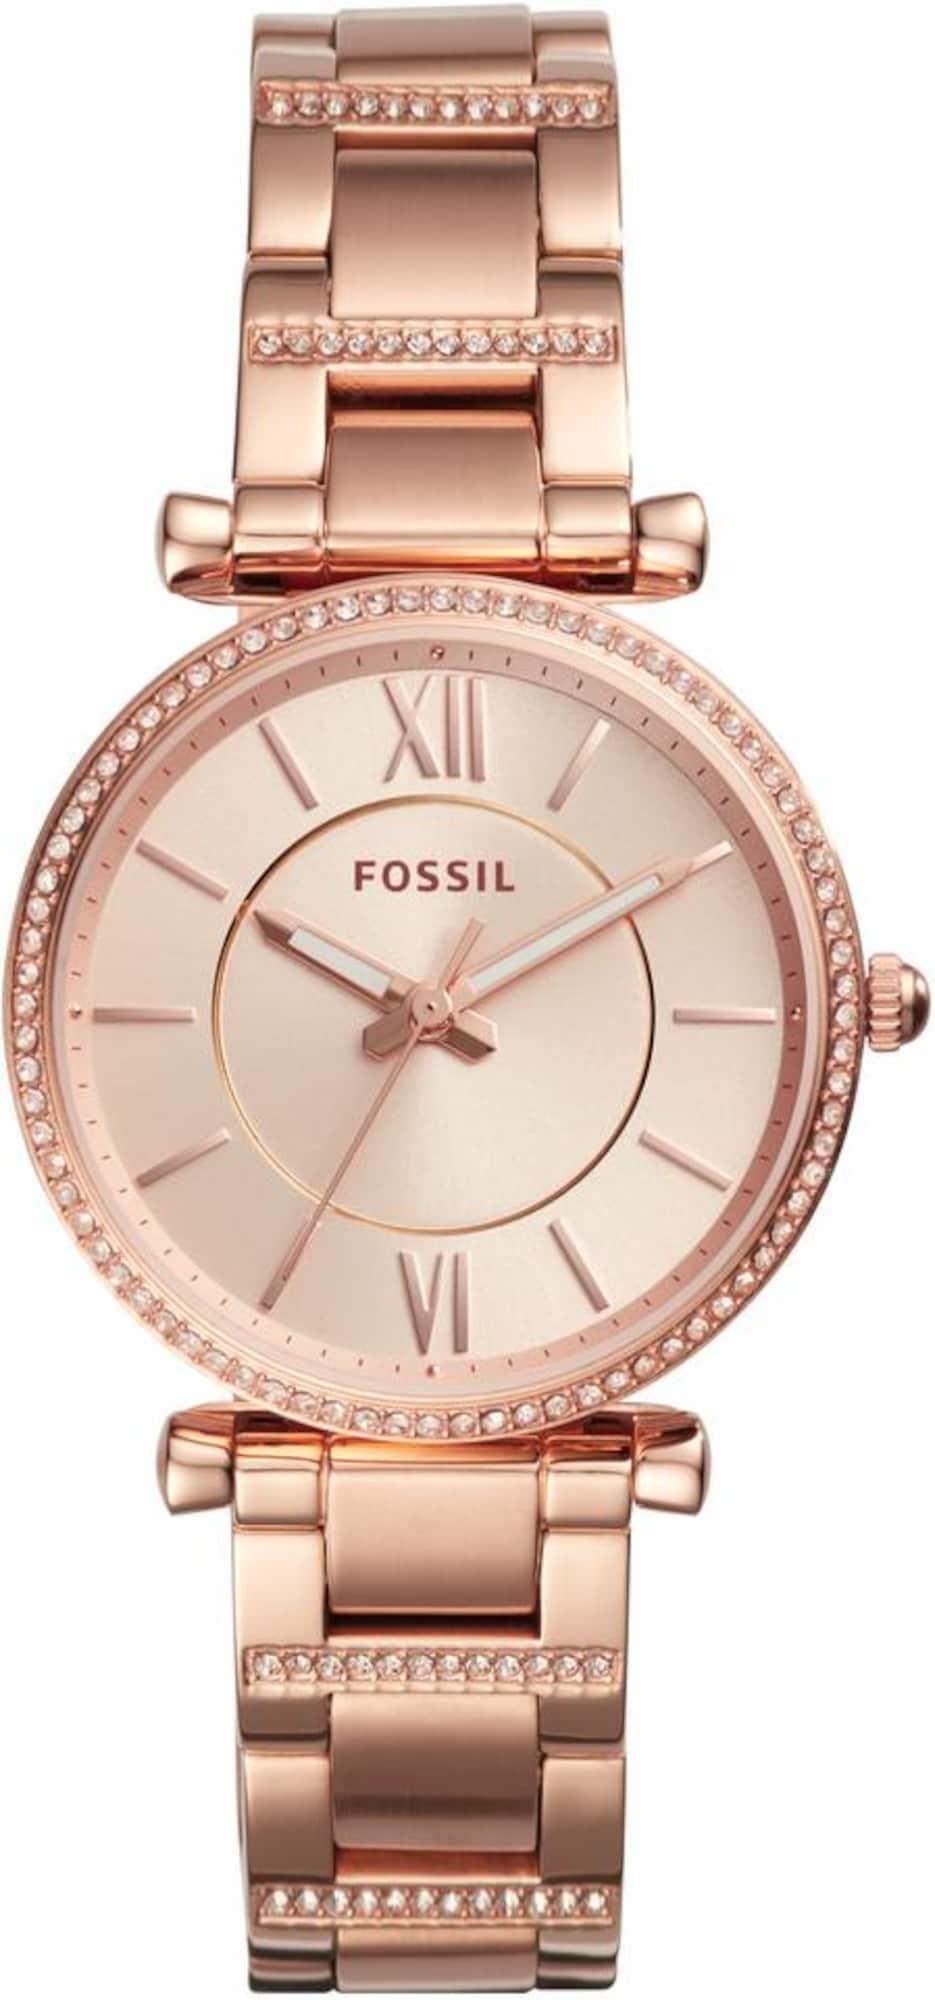 FOSSIL Analoginis (įprasto dizaino) laikrodis 'CARLIE, ES4301' rožinio aukso spalva / balta